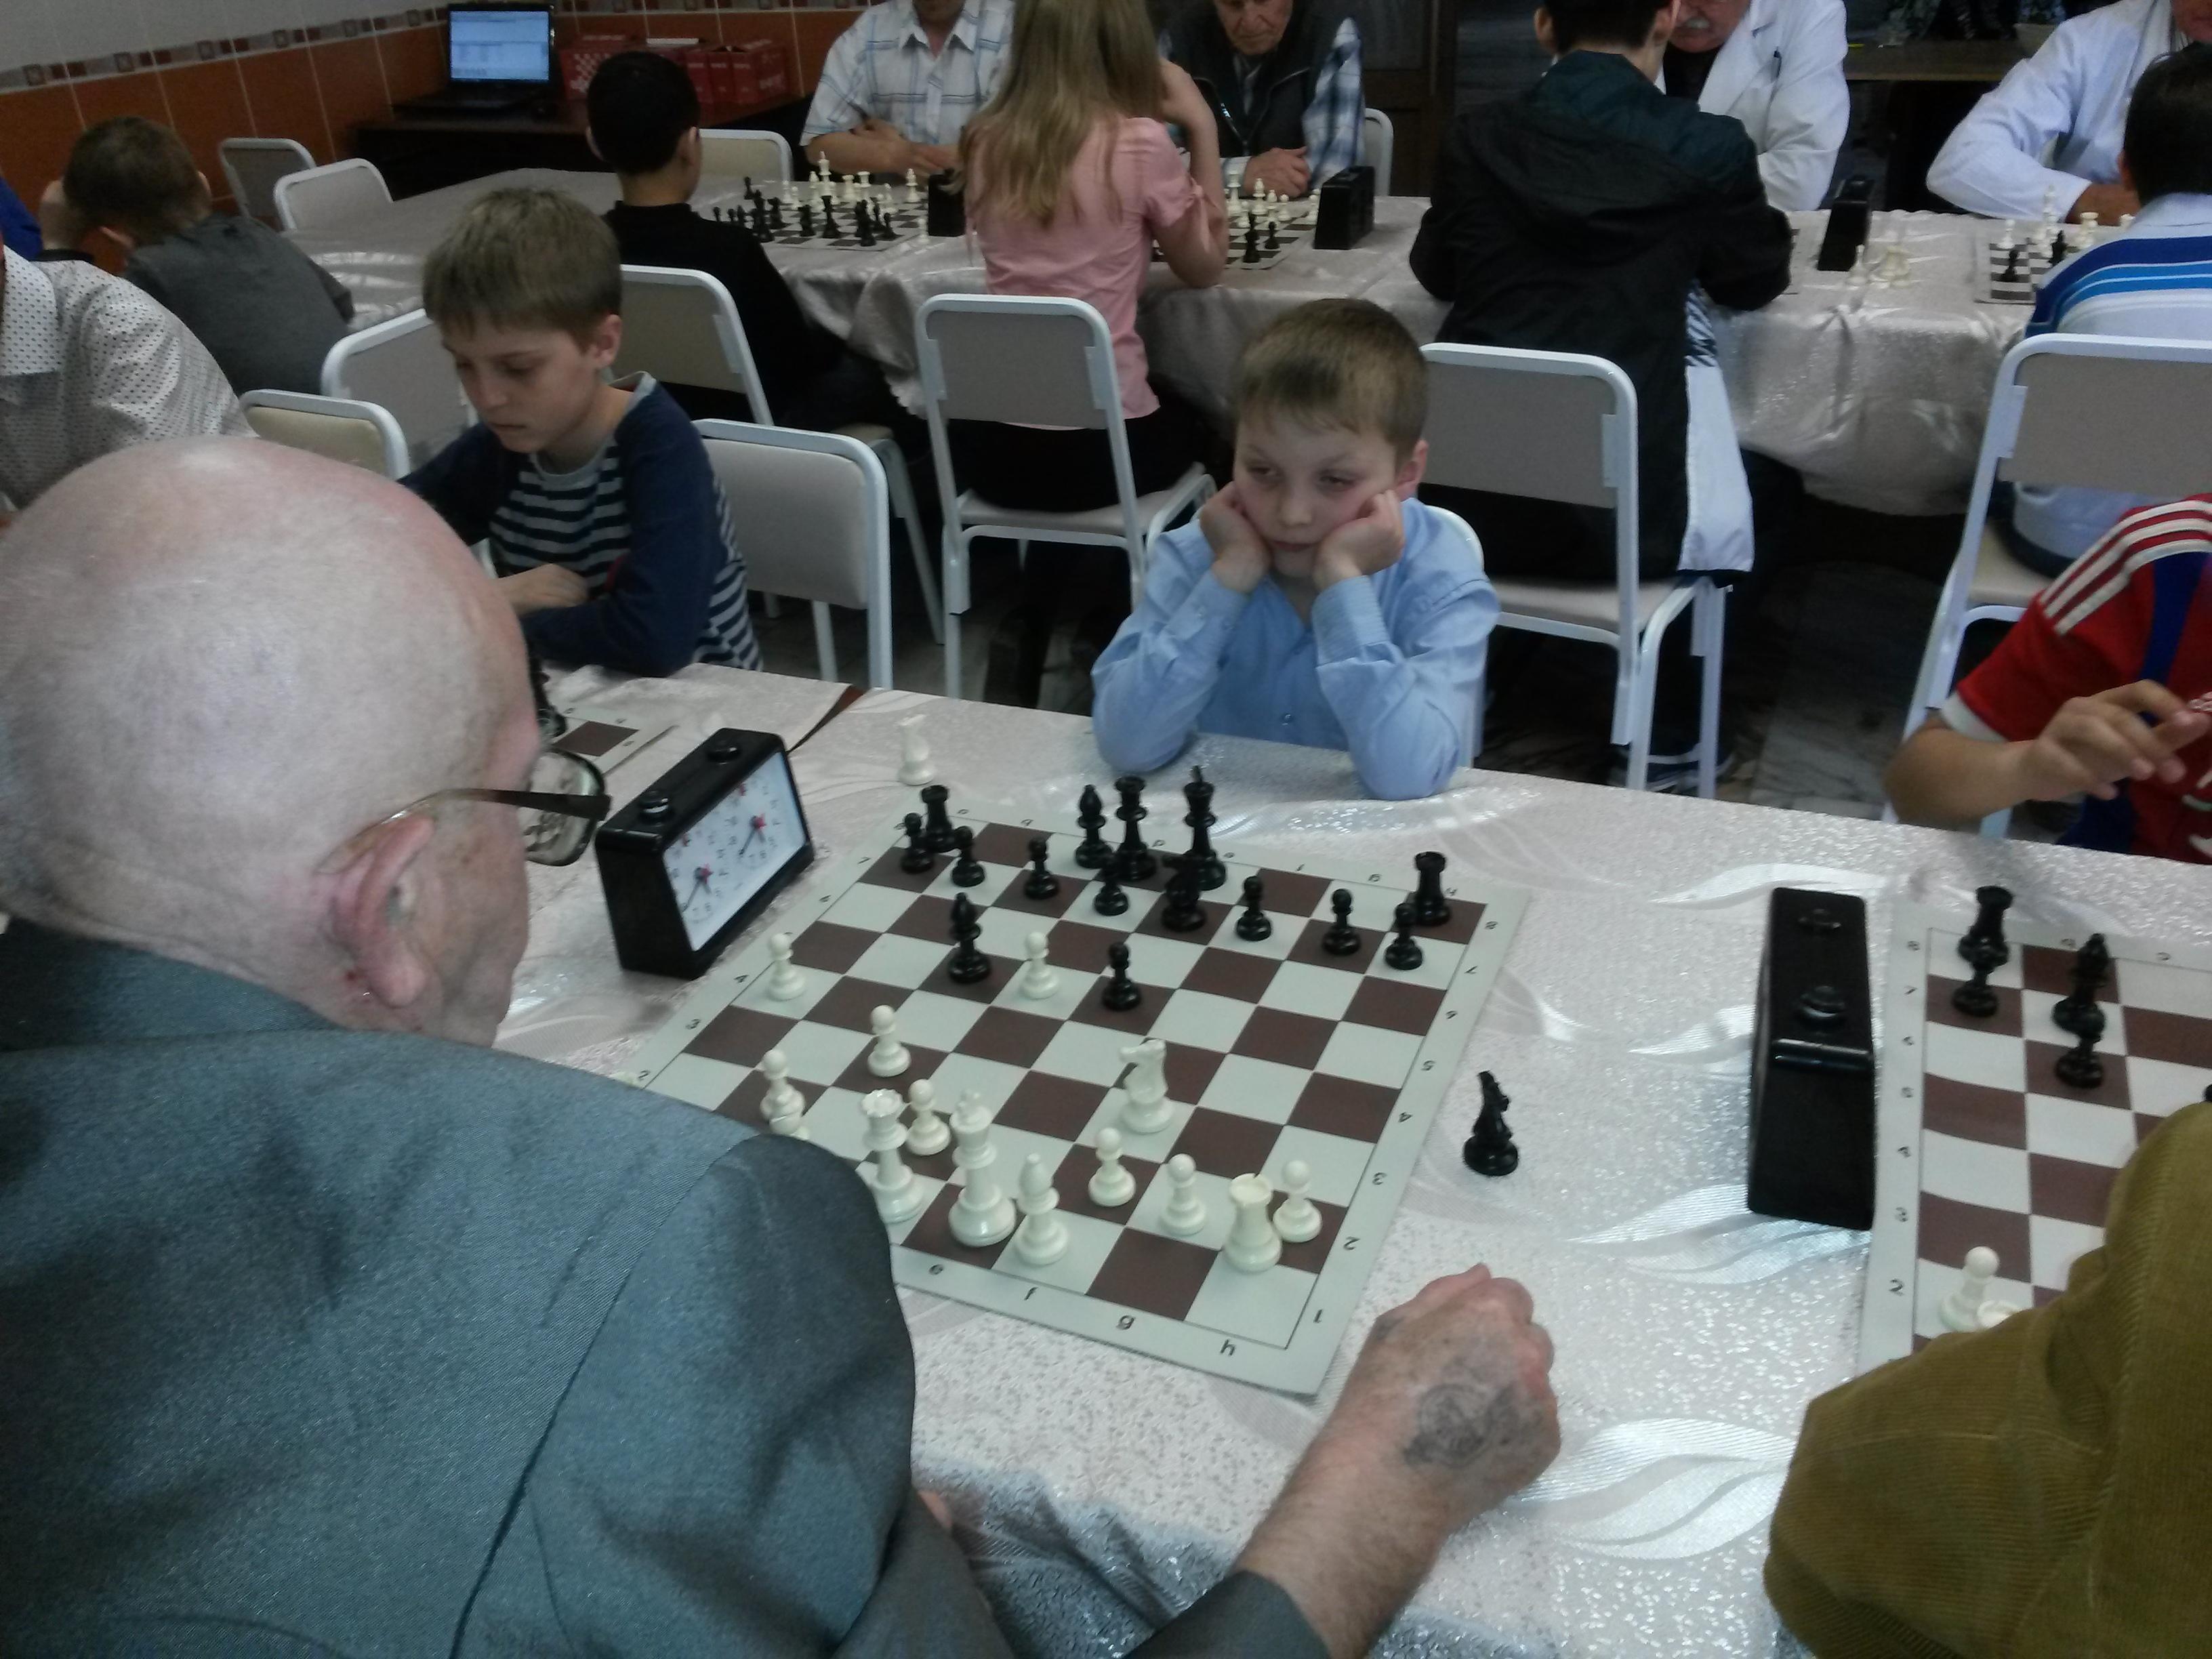 Самый юный участник матча - Лев Ильин